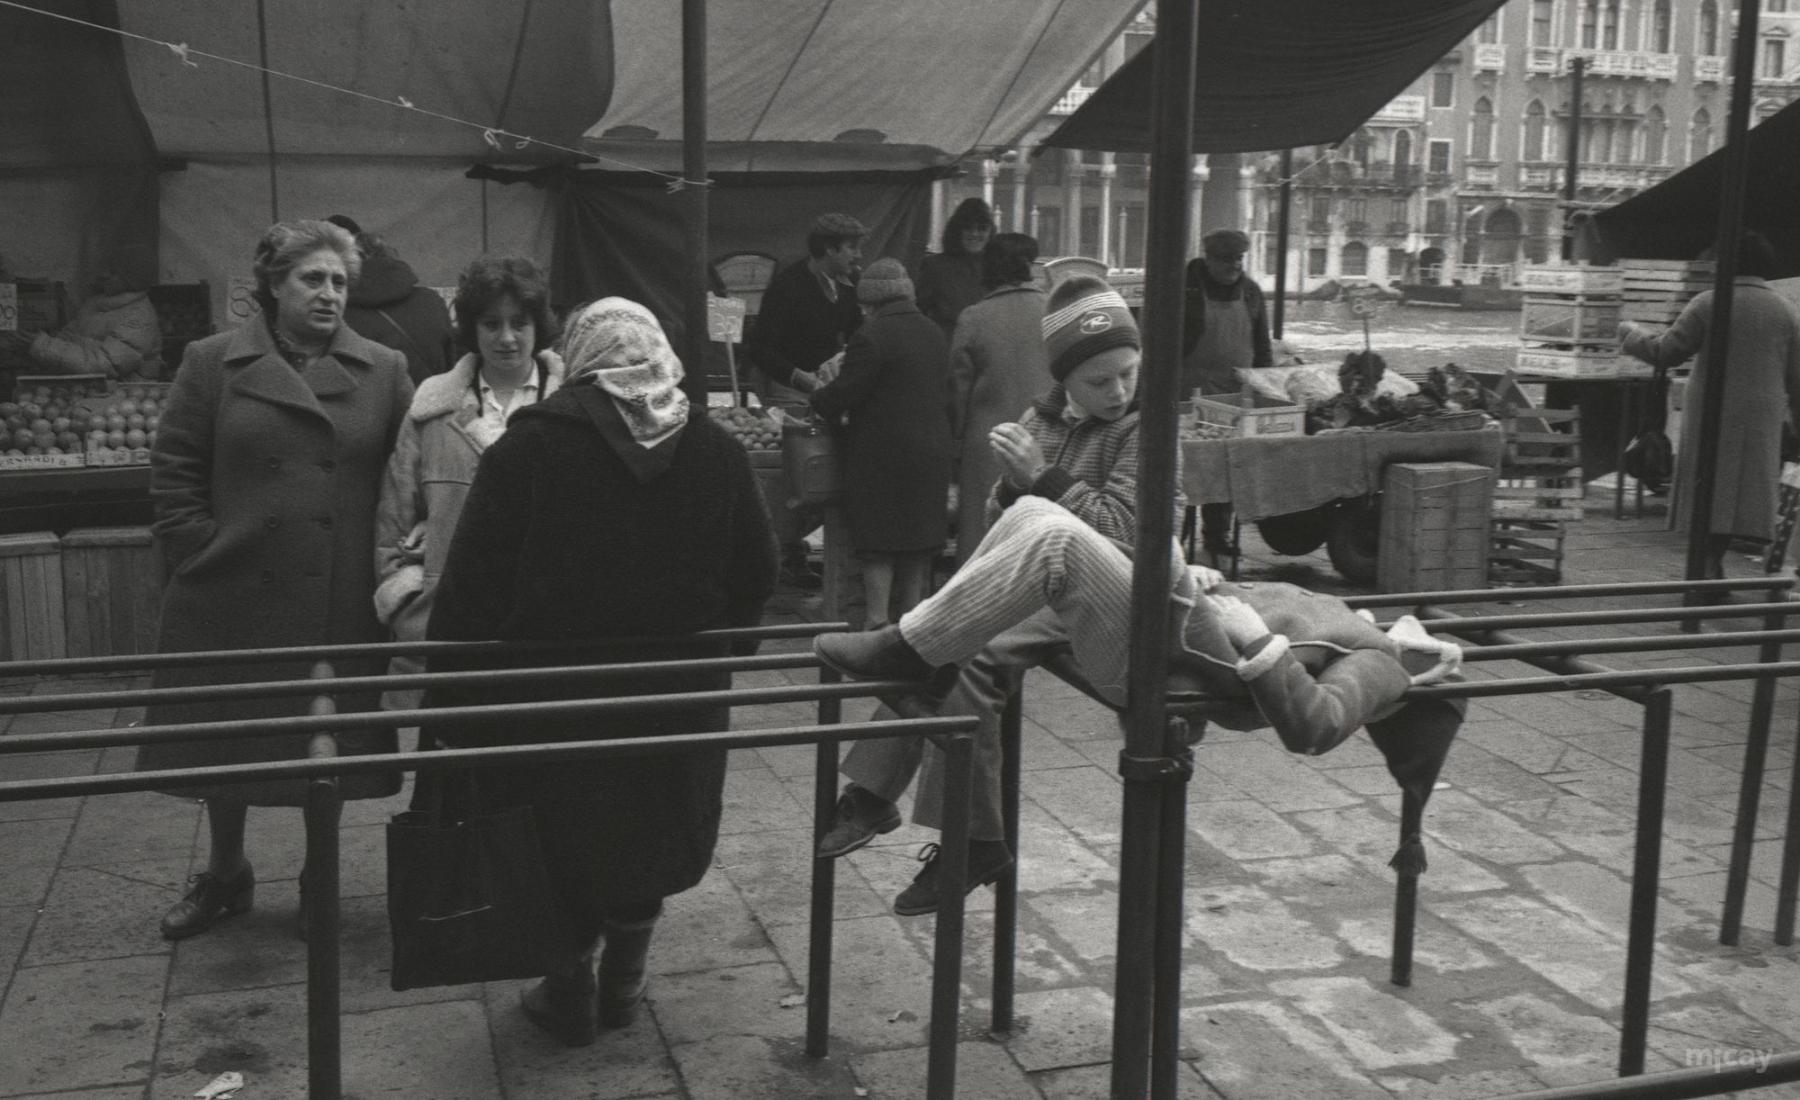 MichelAycaguer-Venise-lesVenitiens-en1980-49